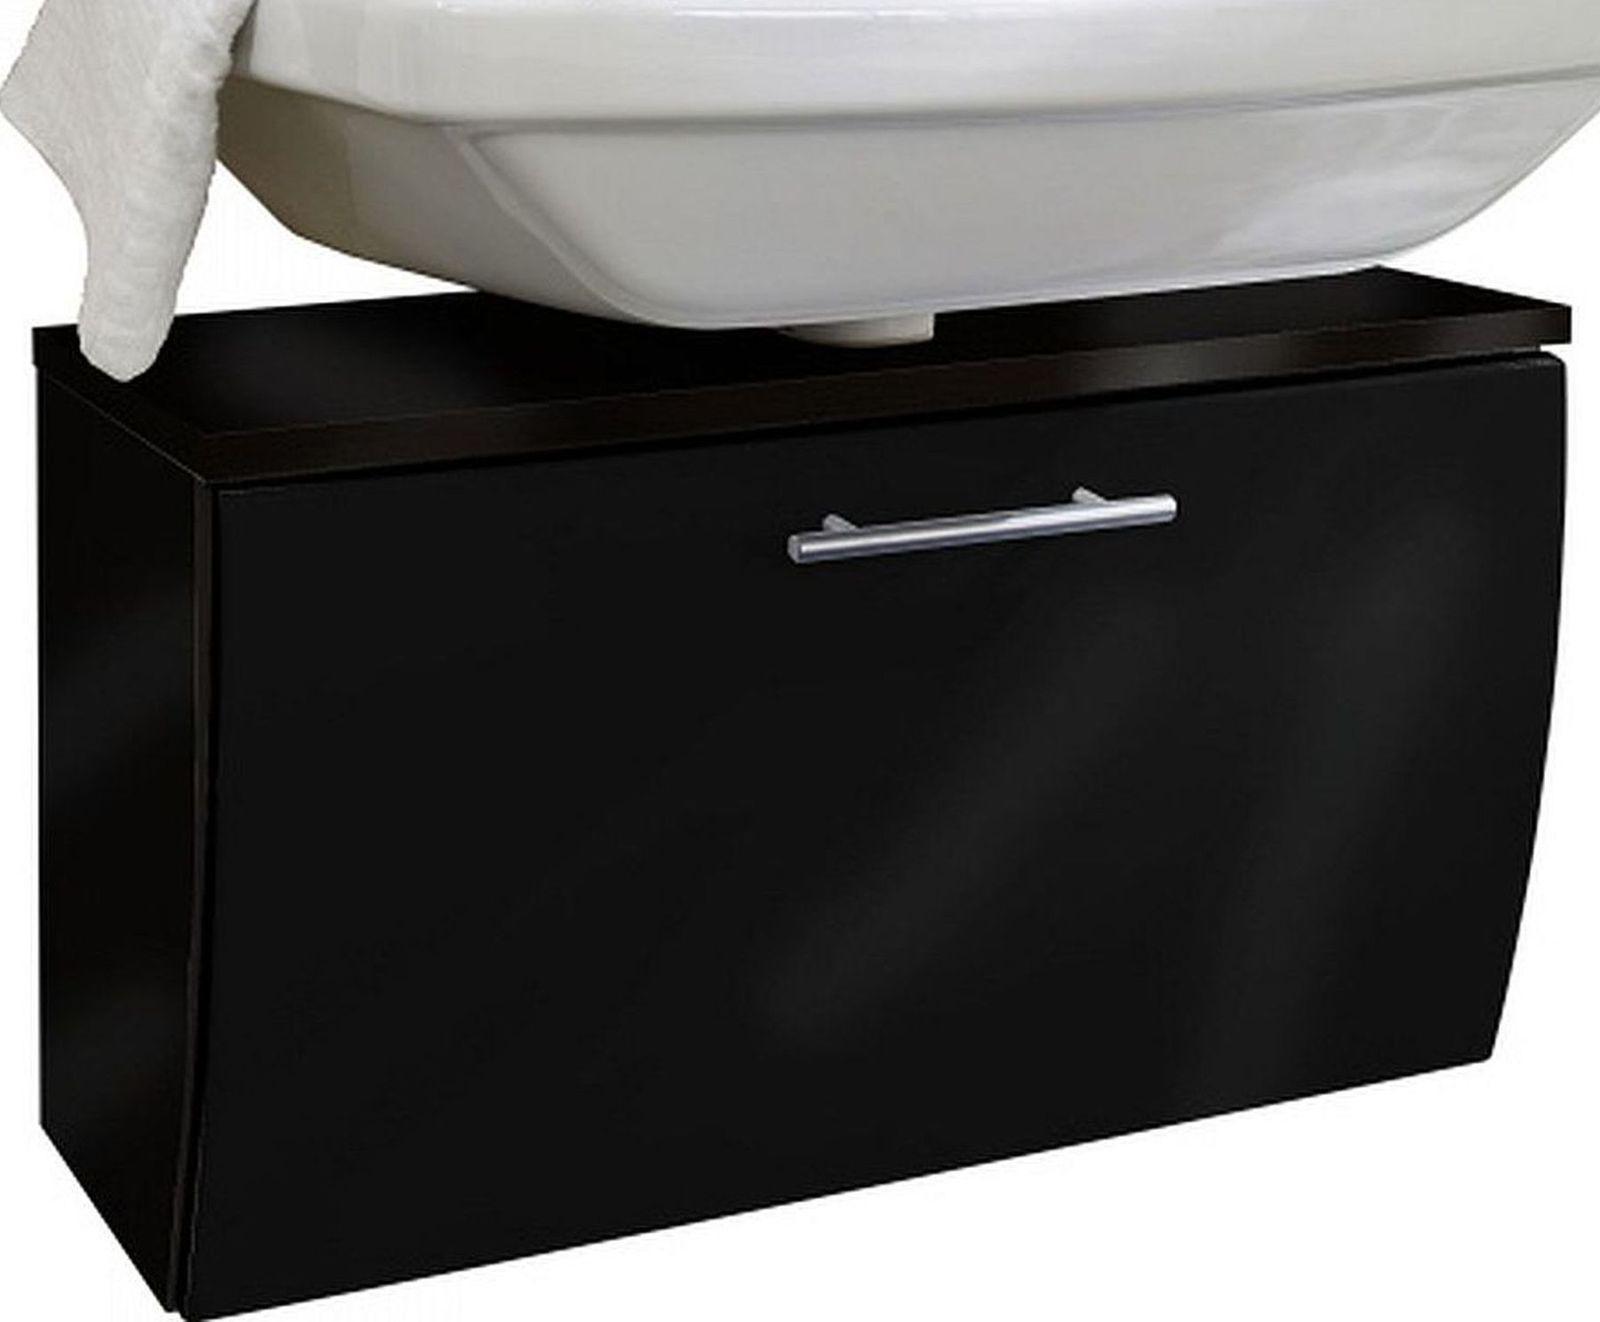 waschbeckenunterschrank 70 x 40 x 30 cm unterbau badschrank badm bel 5610 kaufen bei. Black Bedroom Furniture Sets. Home Design Ideas